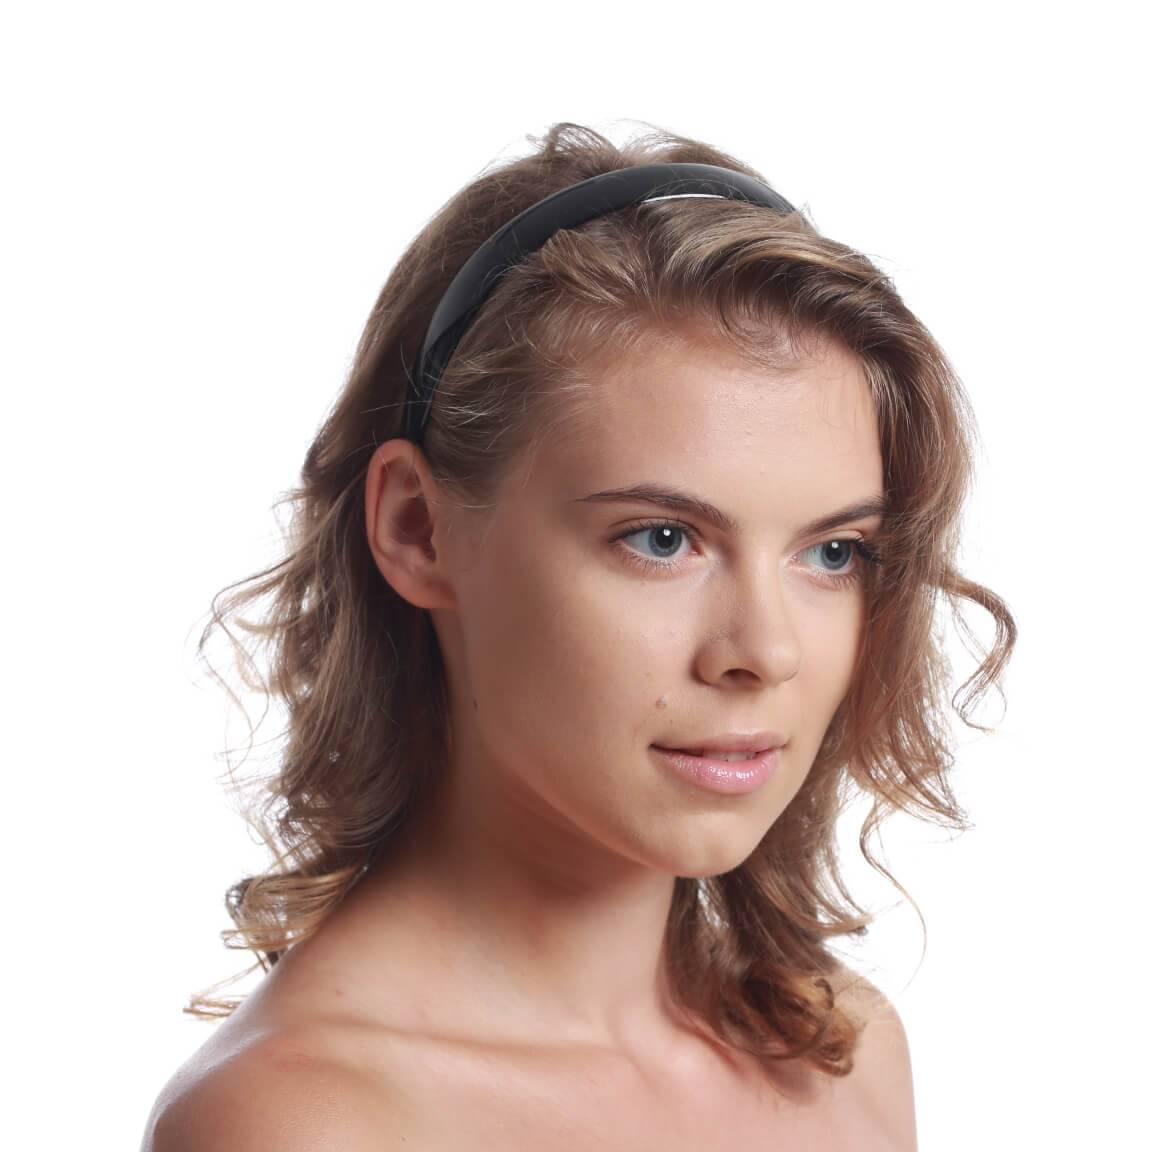 model with headband 1